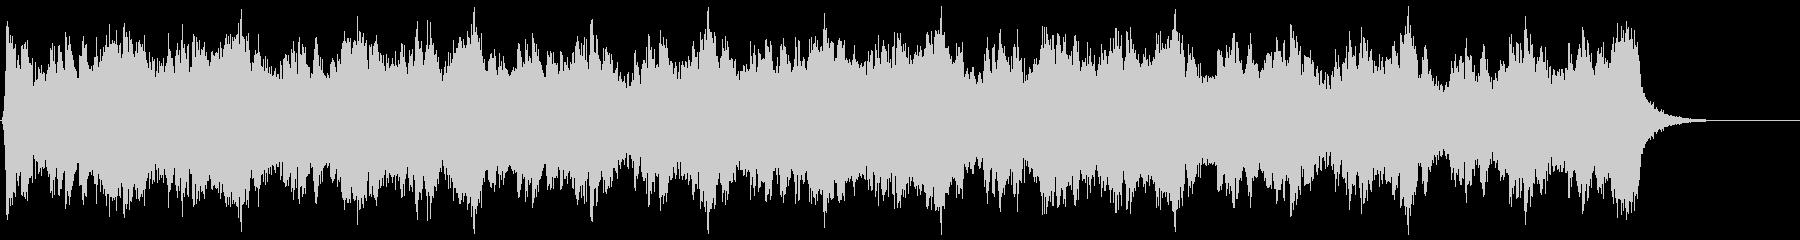 進軍の緊張を描くハリウッド系オーケストラの未再生の波形